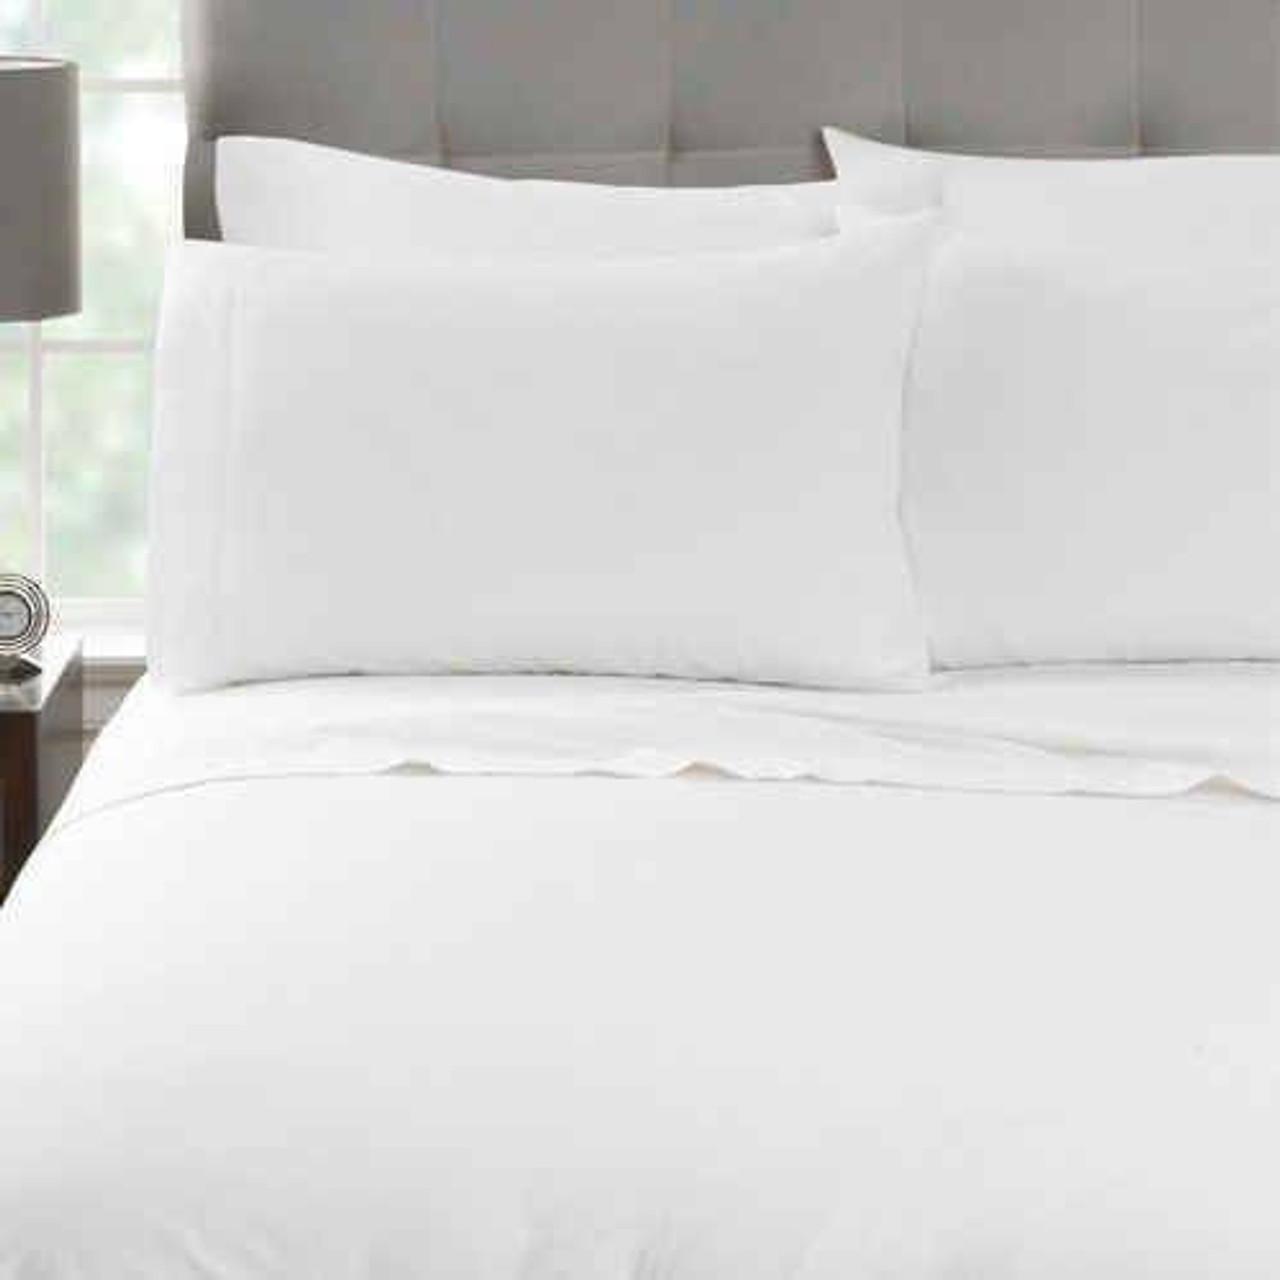 Martex Millennium or Sheets or WestPoint Hospitality Martex Millennium T250 Sheets- All Sizes and Colors